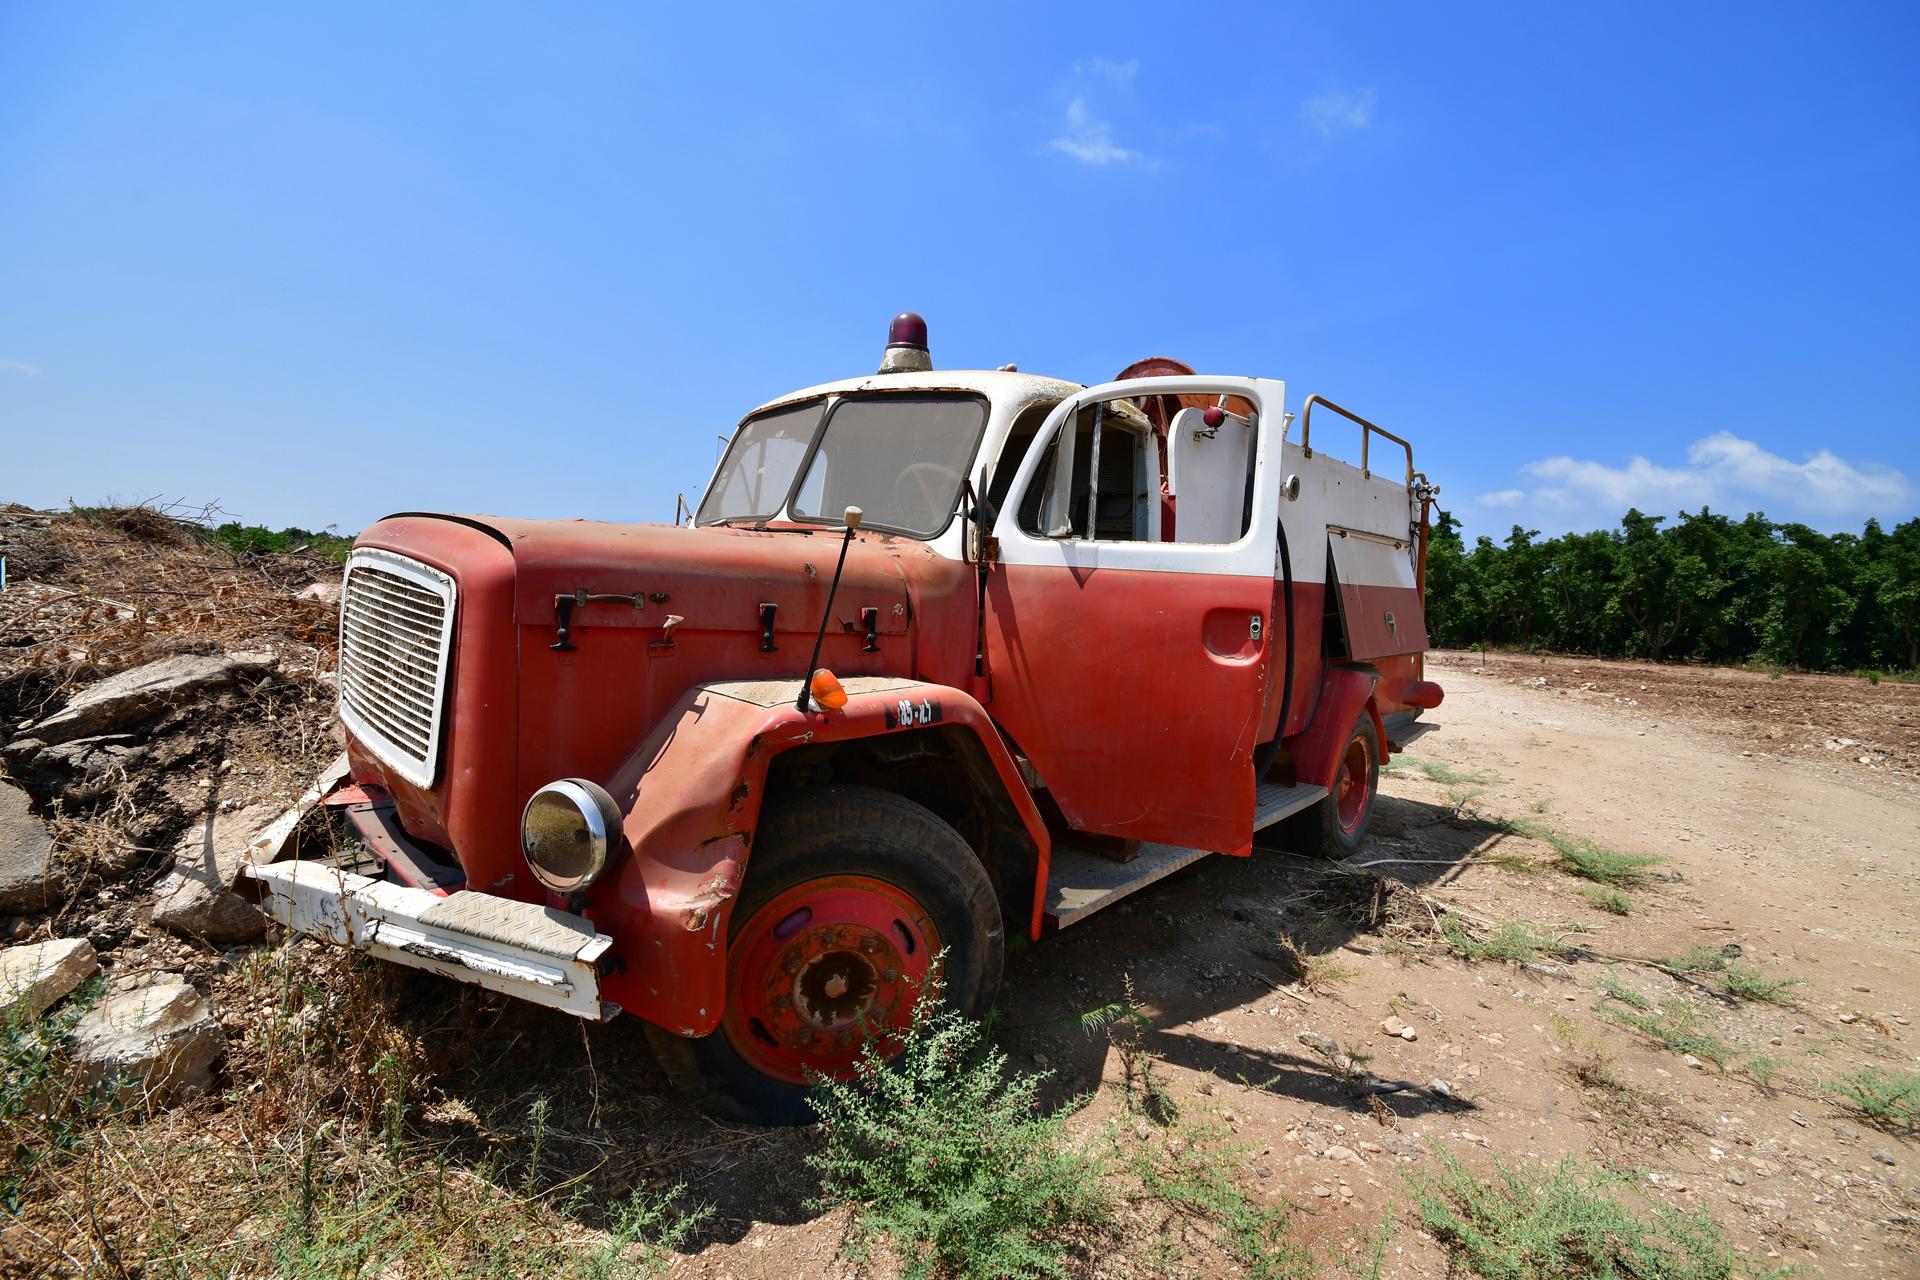 בוב הכבאי - מנחת בצת - מכונית כיבוי - יואל שתרוג - אדמה יוצרת - yoel sitruk